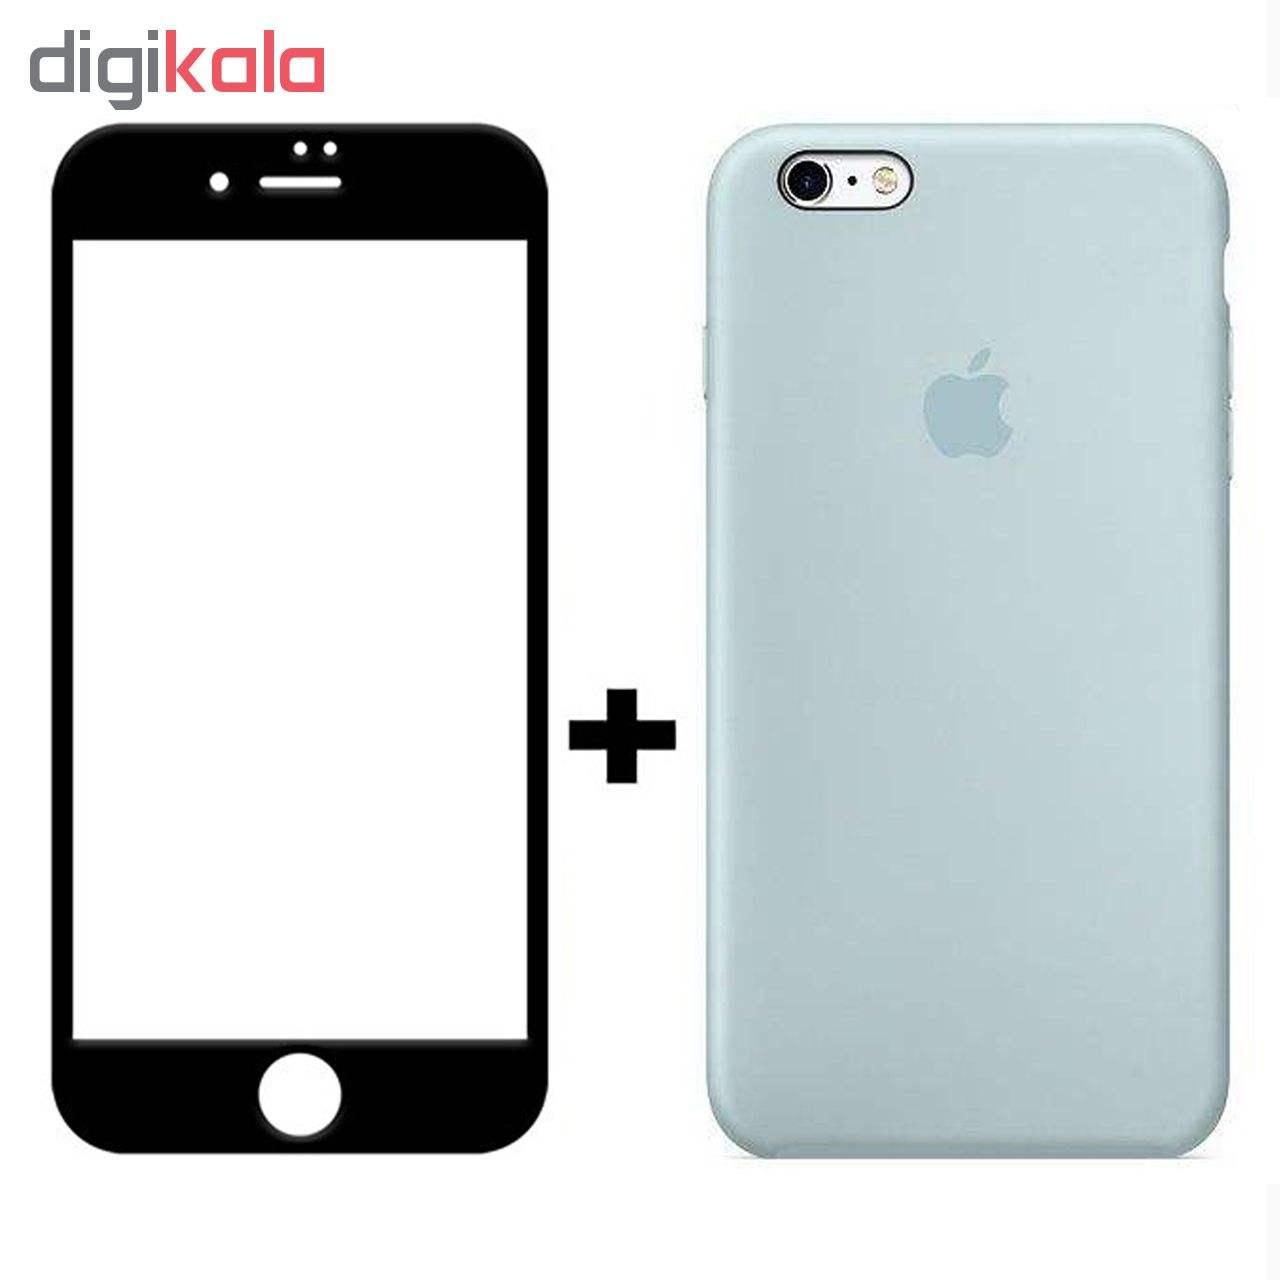 کاور سیلیکونی مدل SlC مناسب برای گوشی موبایل اپل آیفون 6/6s  به همراه محافظ صفحه نمایش 5D main 1 5